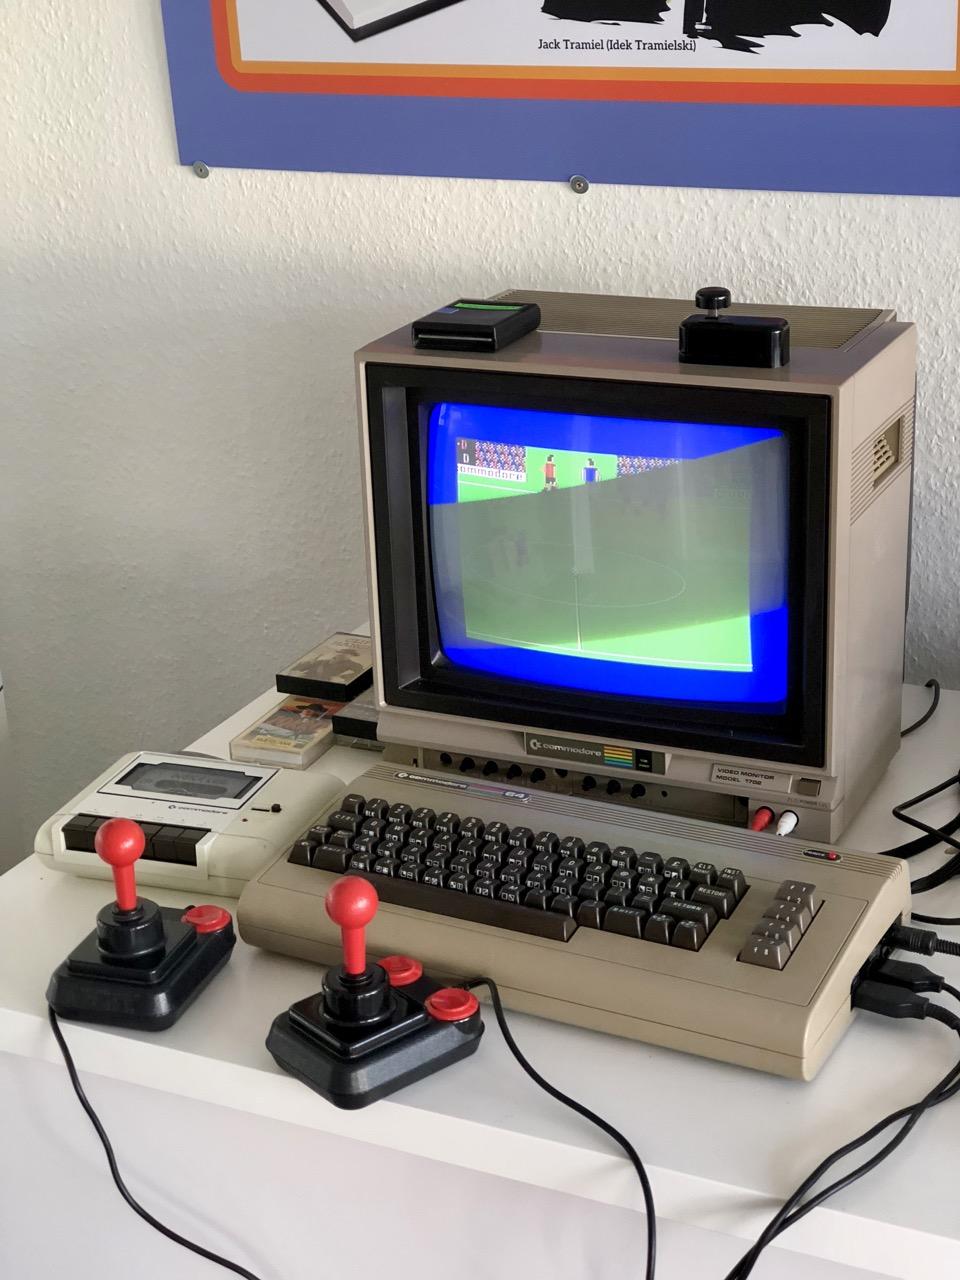 Der Klassiker C64 im Heimcomputer-Bereich. (Bild: André Eymann)